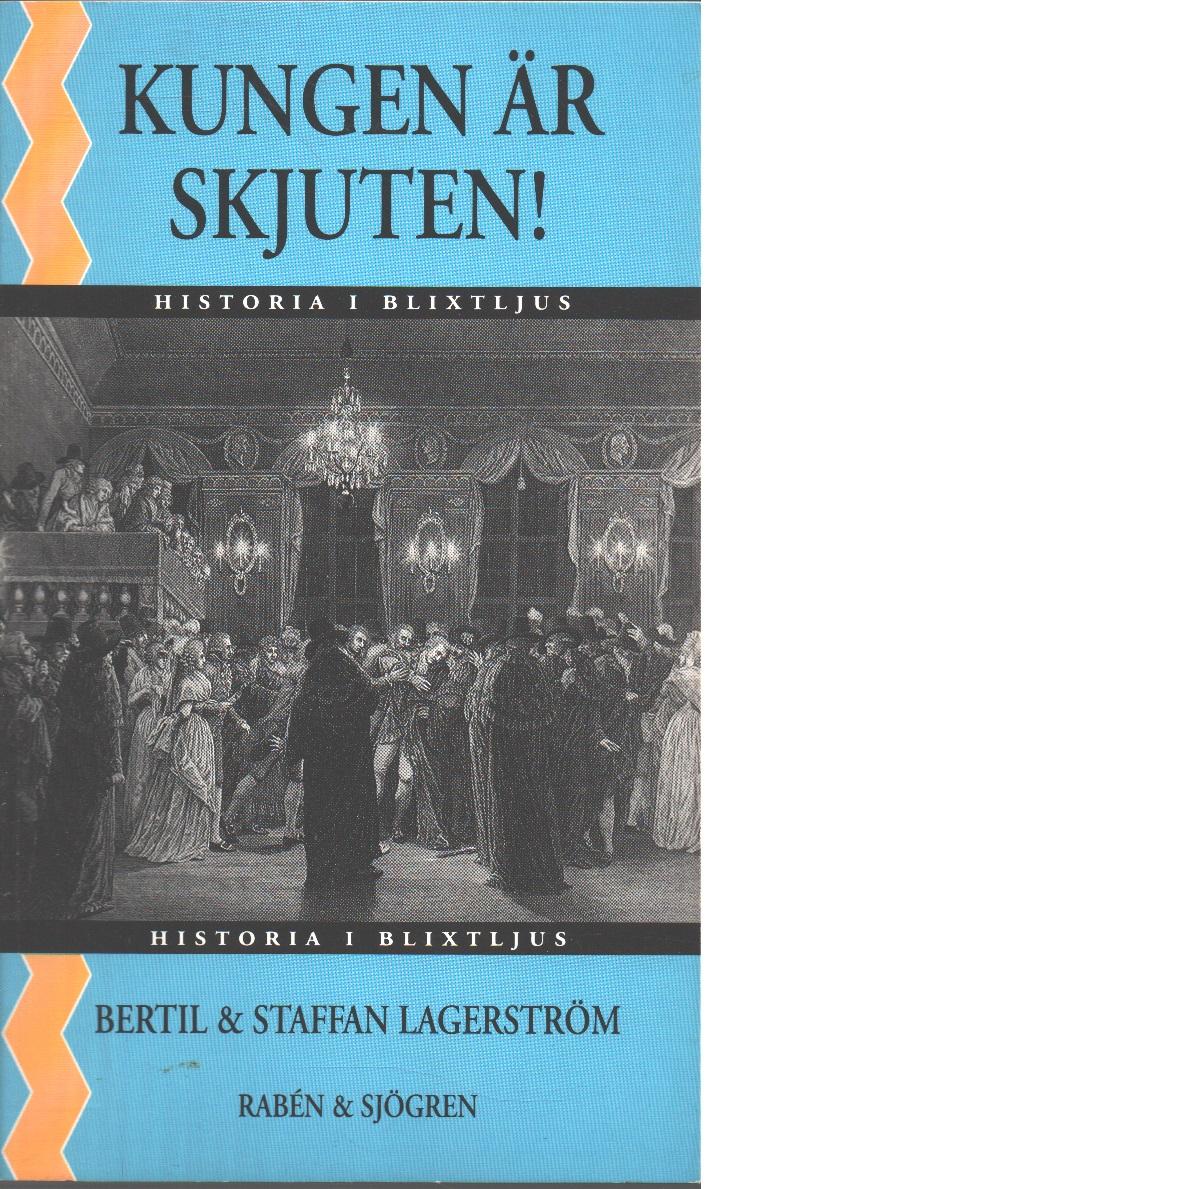 Kungen är skjuten! - Lagerström, Bertil och Lagerström, Staffan